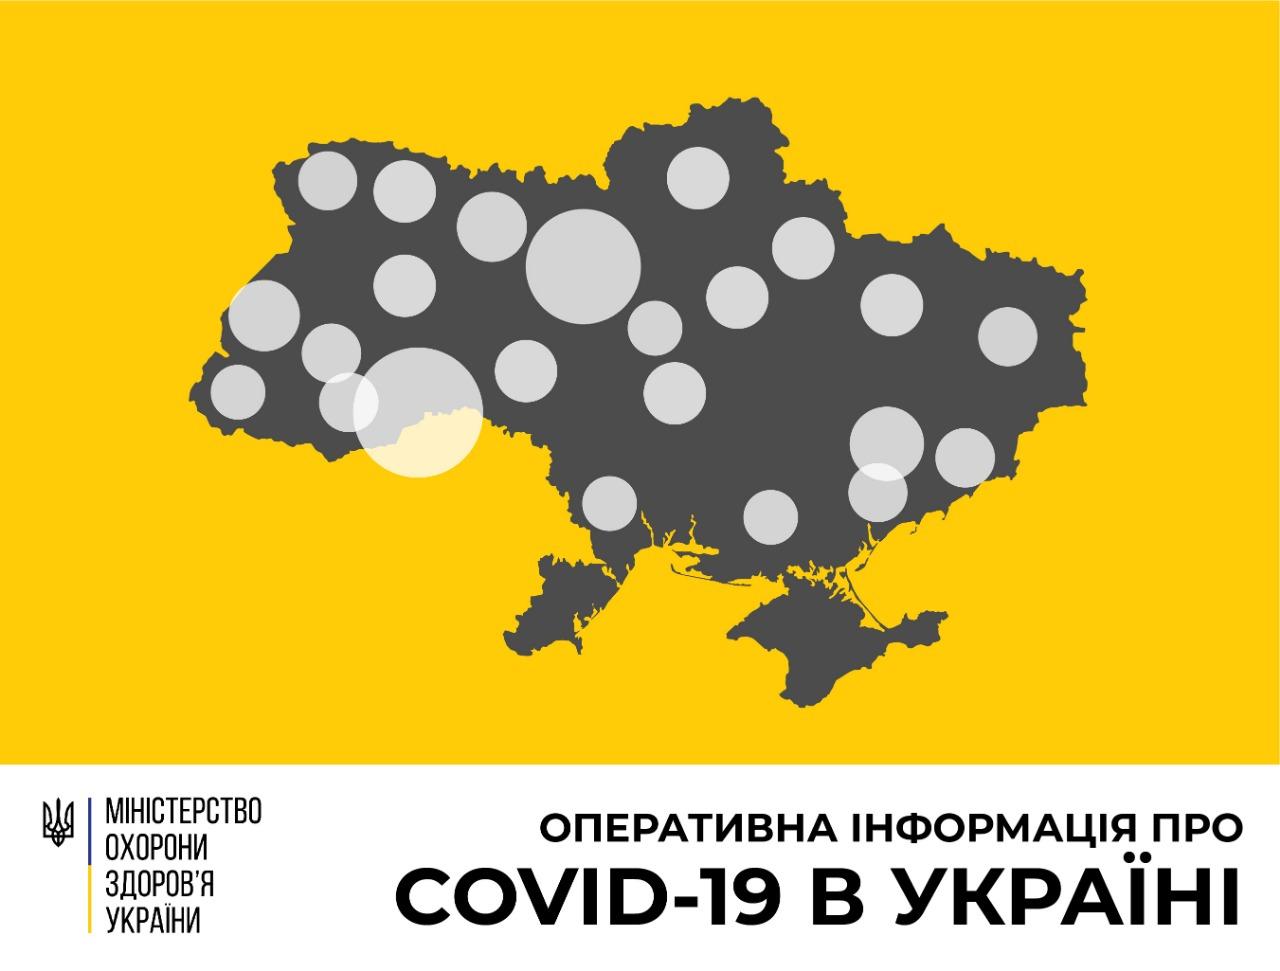 Хворих на коронавірус в Україні вже майже 900